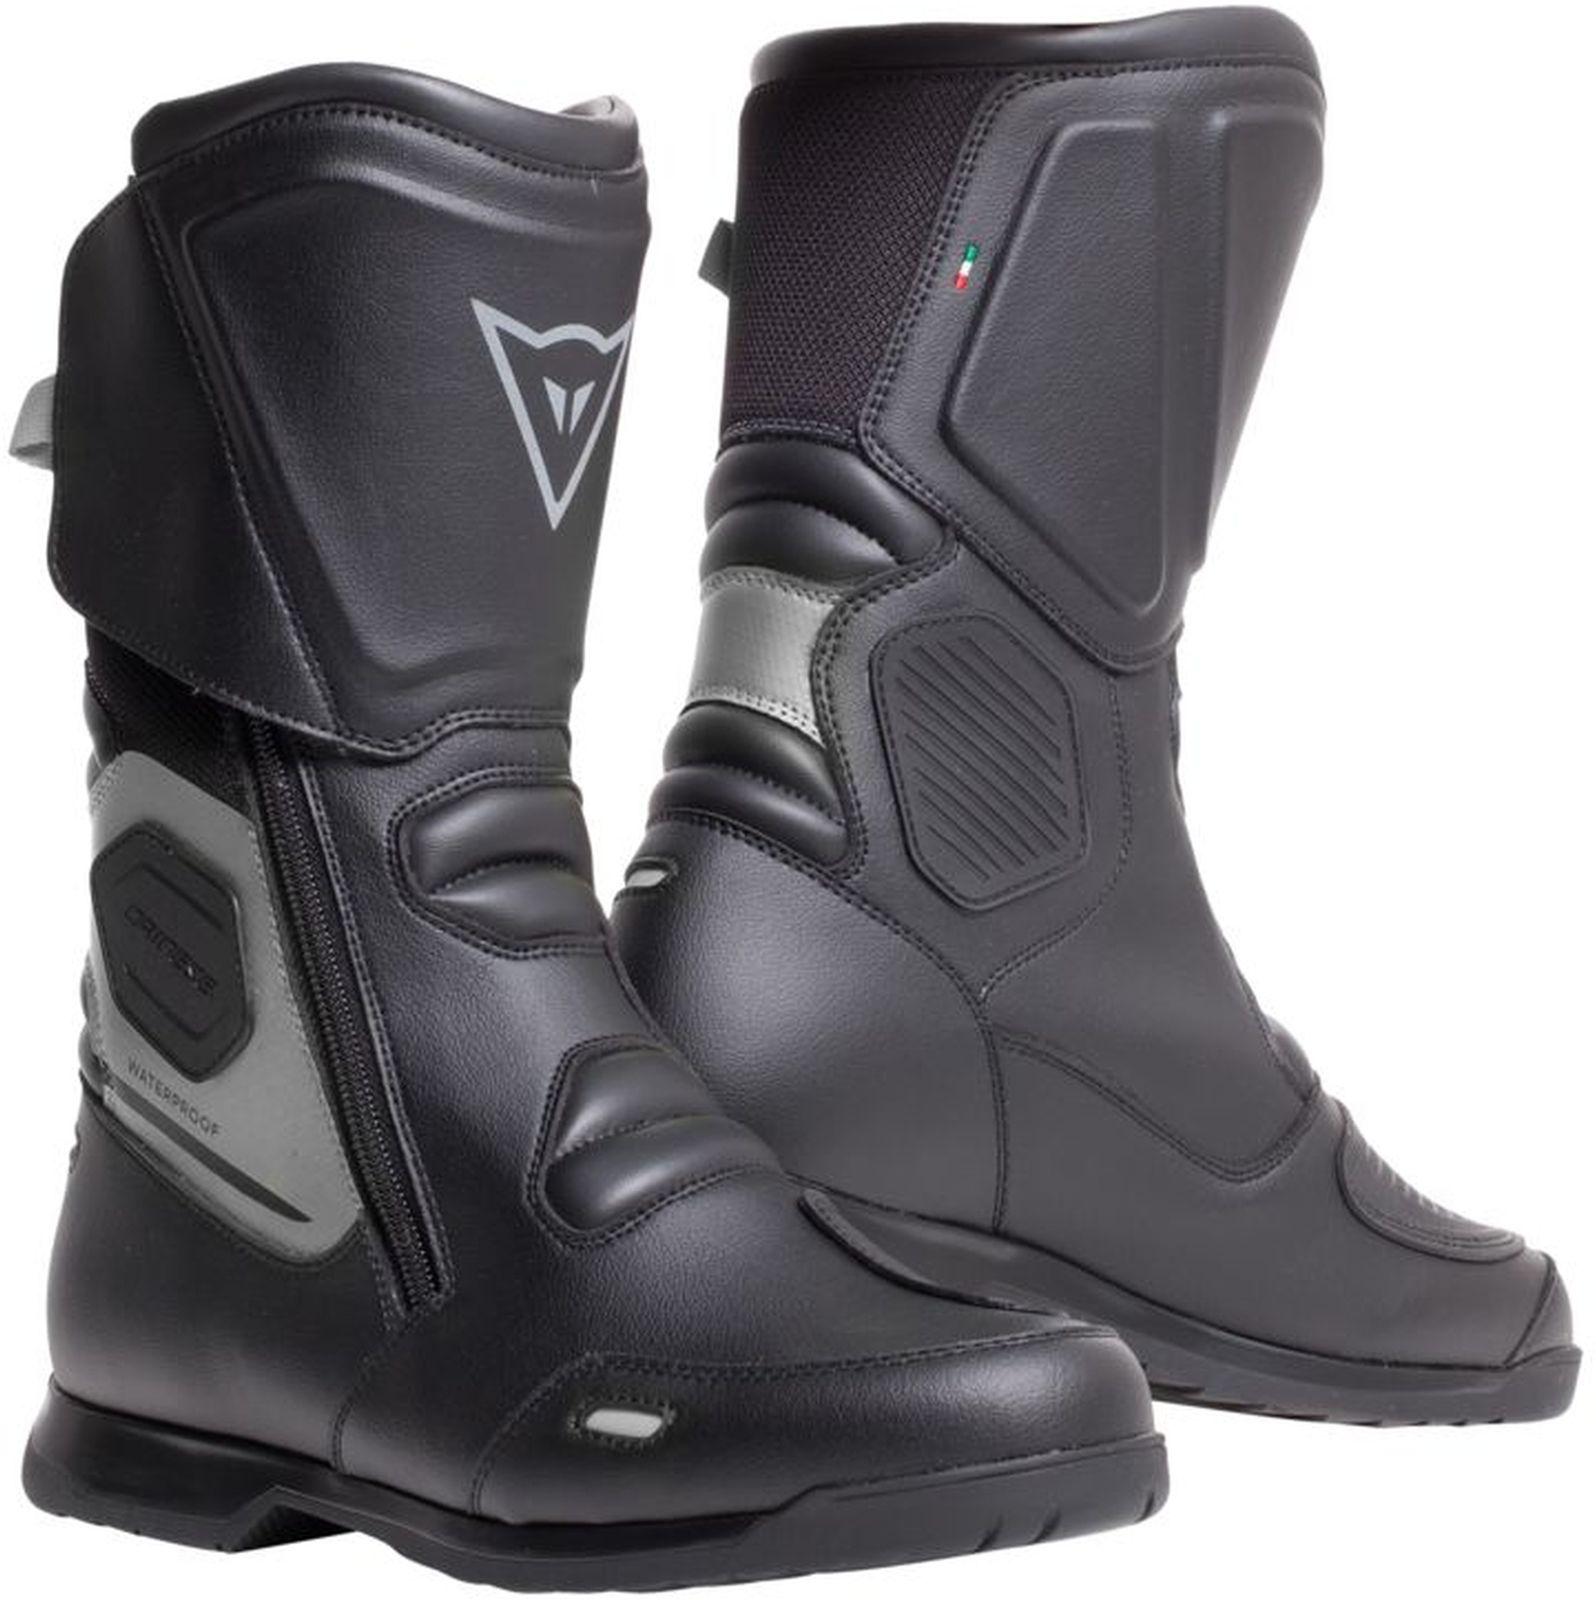 X-TOURER D-WP BOOTS